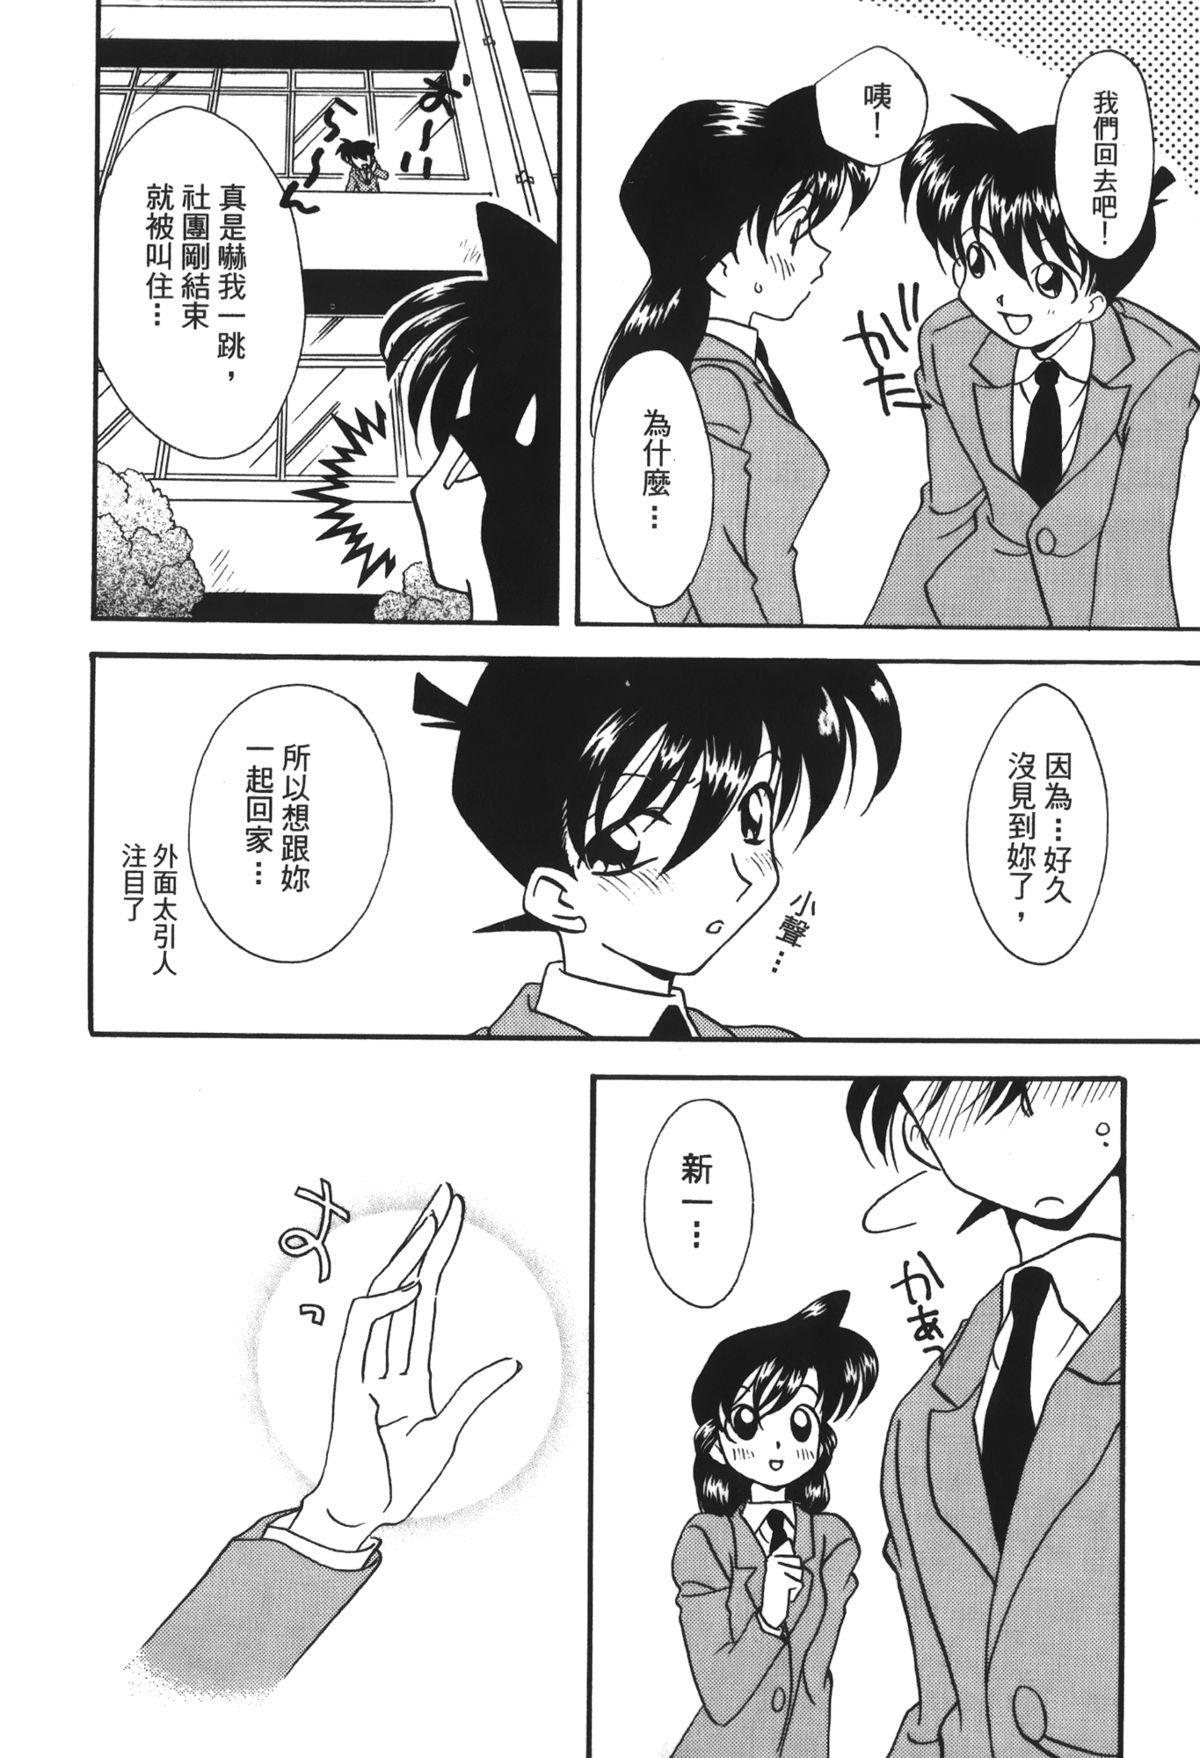 Detective Assistant Vol. 13 126